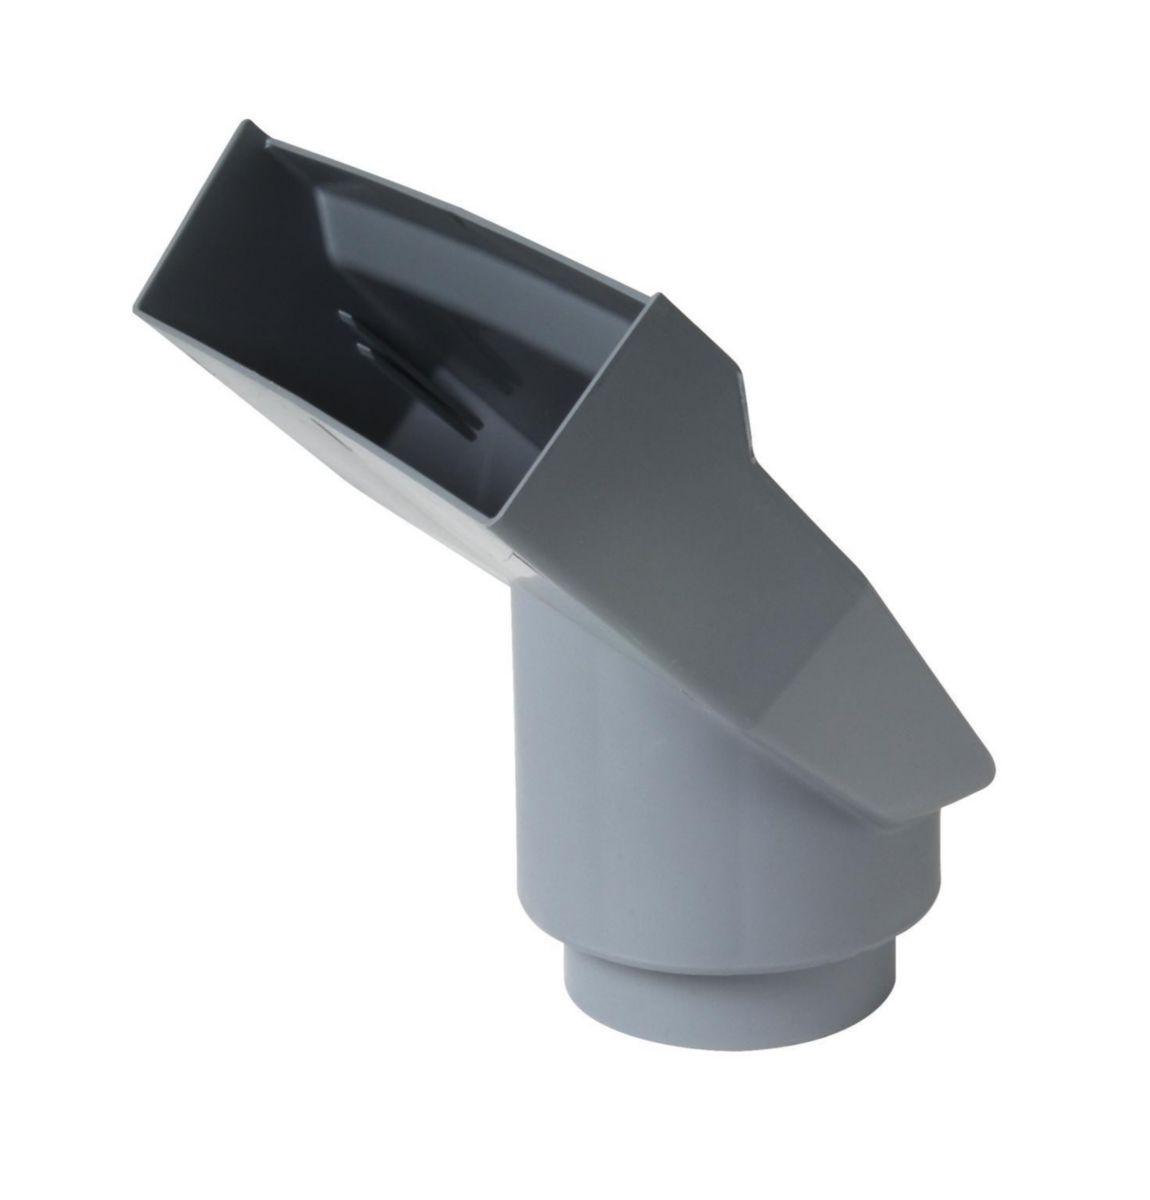 Adaptateur Ventilation Chatire Tac Avtx Nicoll Mm Nicoll Couverture De  Matriaux De Pointp With Installer Une Chatiere Sur Porte Pvc